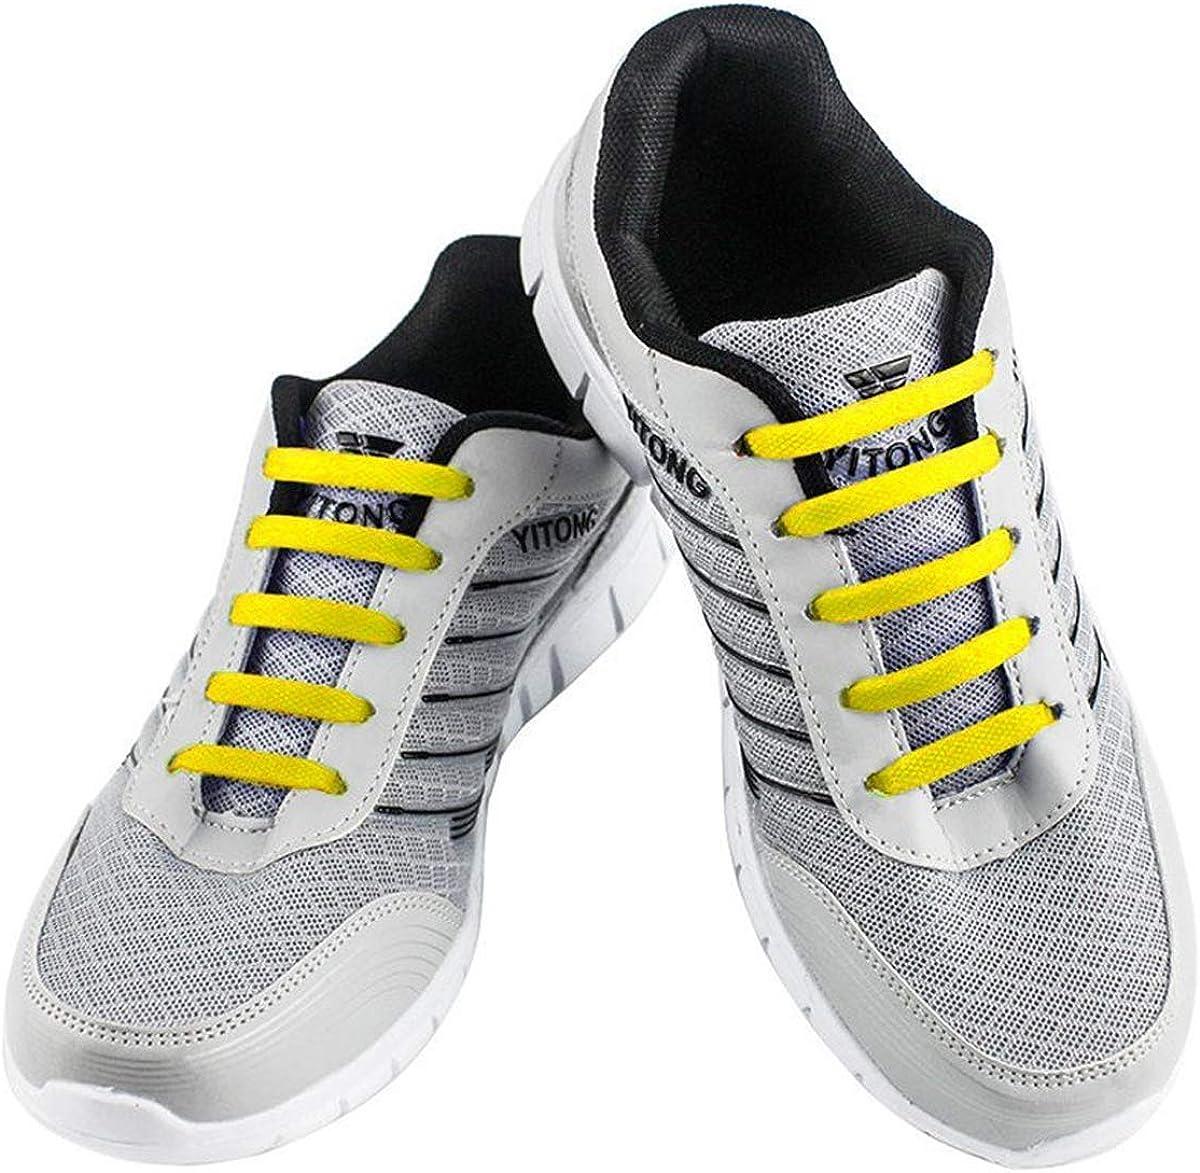 WELKOO® Cordones elásticos de silicona sin nudo impermeables para calzado de adulto -16 pza,Talla ADULTO amarillo: Amazon.es: Zapatos y complementos